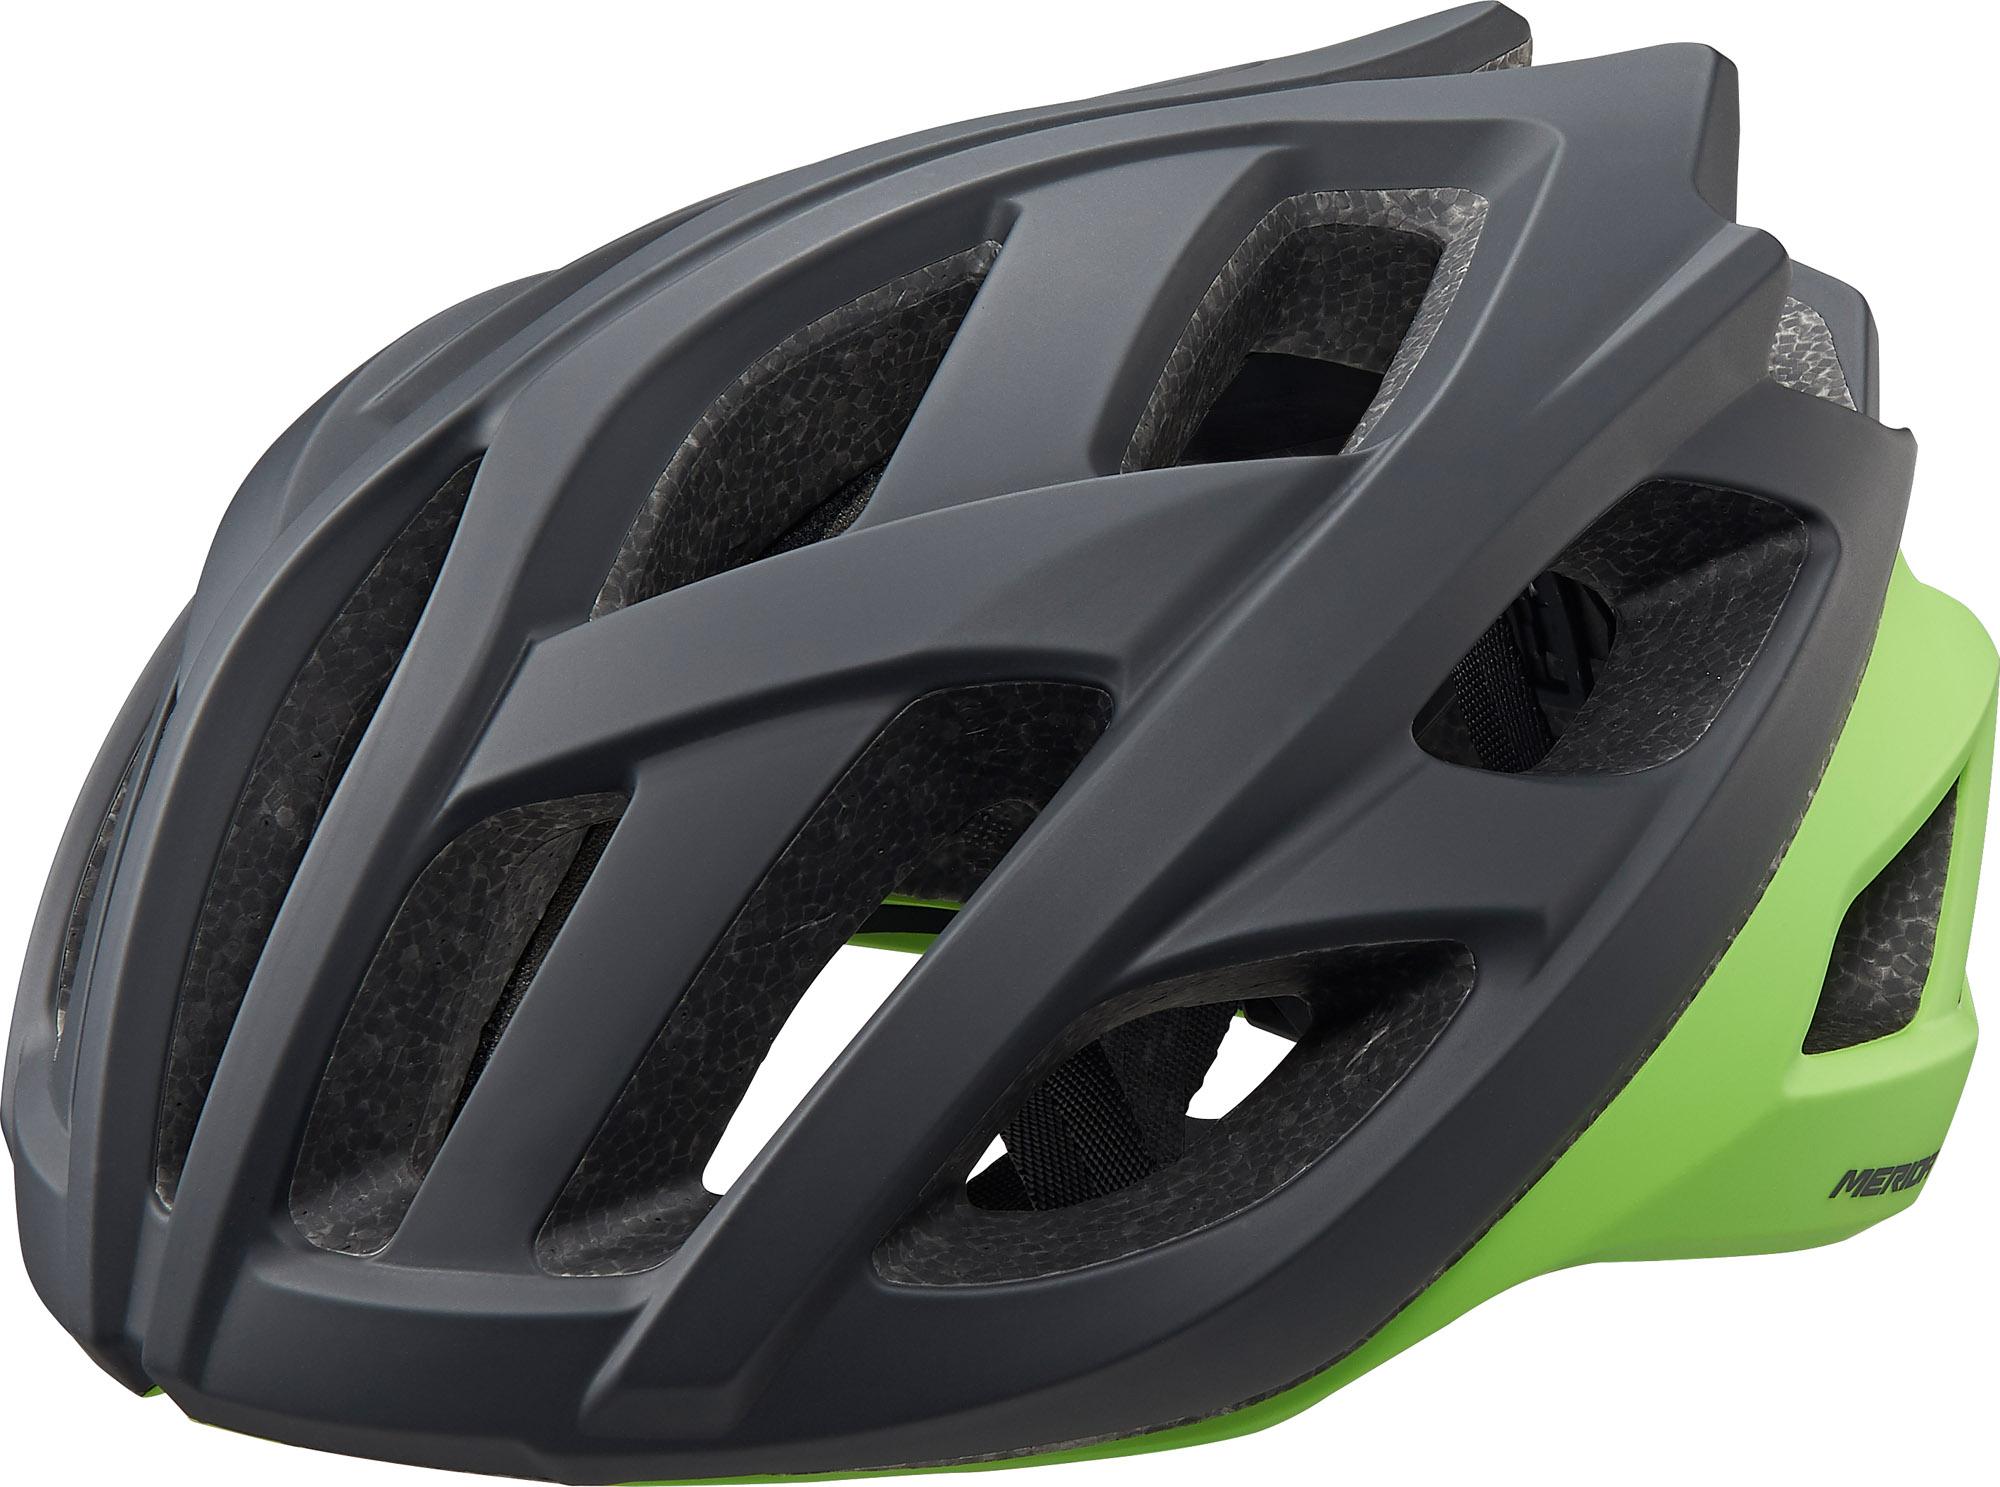 Fejvédő MERIDA ROAD RACE L fekete zöld (58-62 cm) - 8164